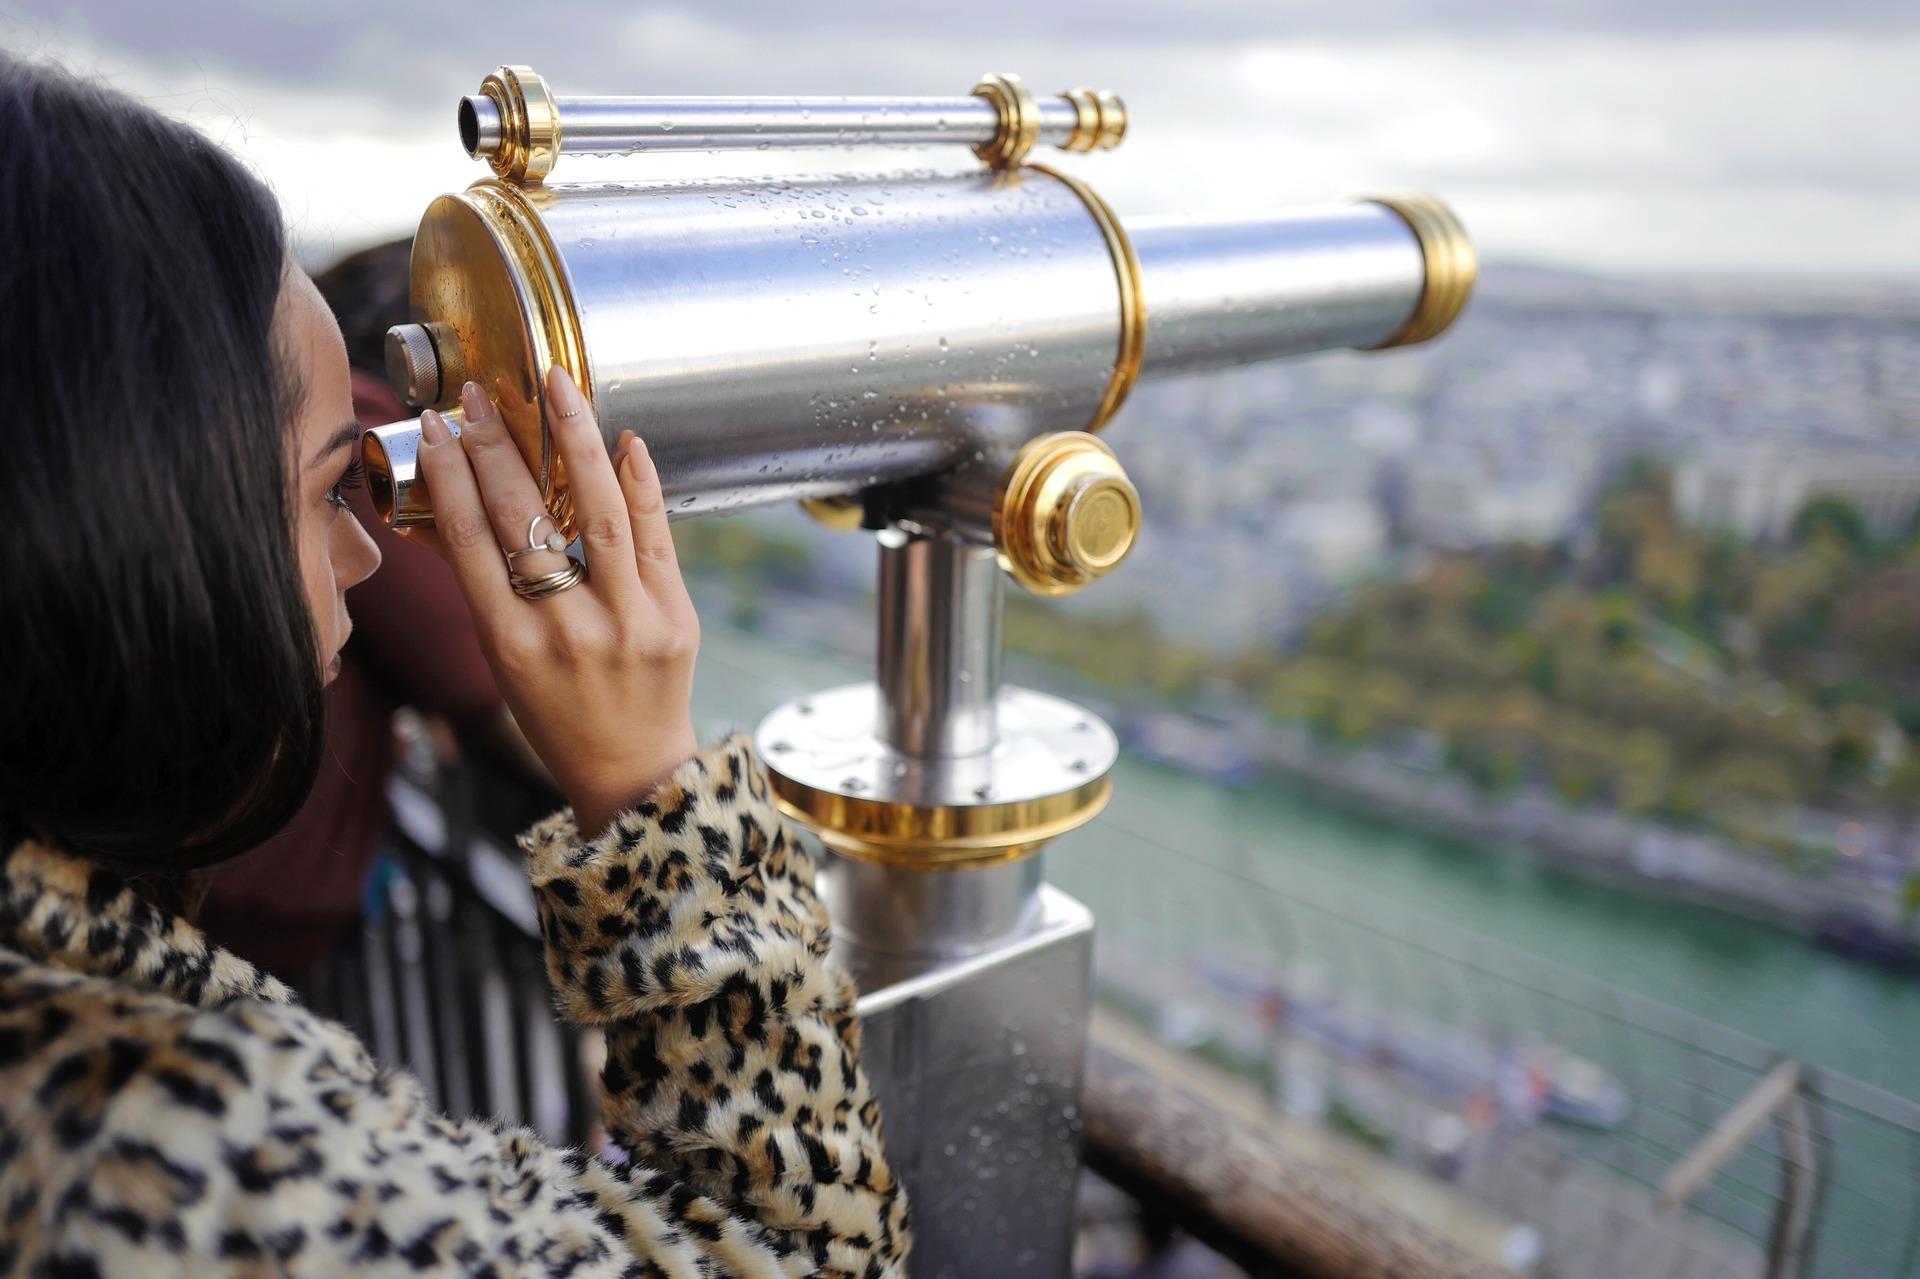 Le télescope, un outil indispensable pour les astronomes amateurs